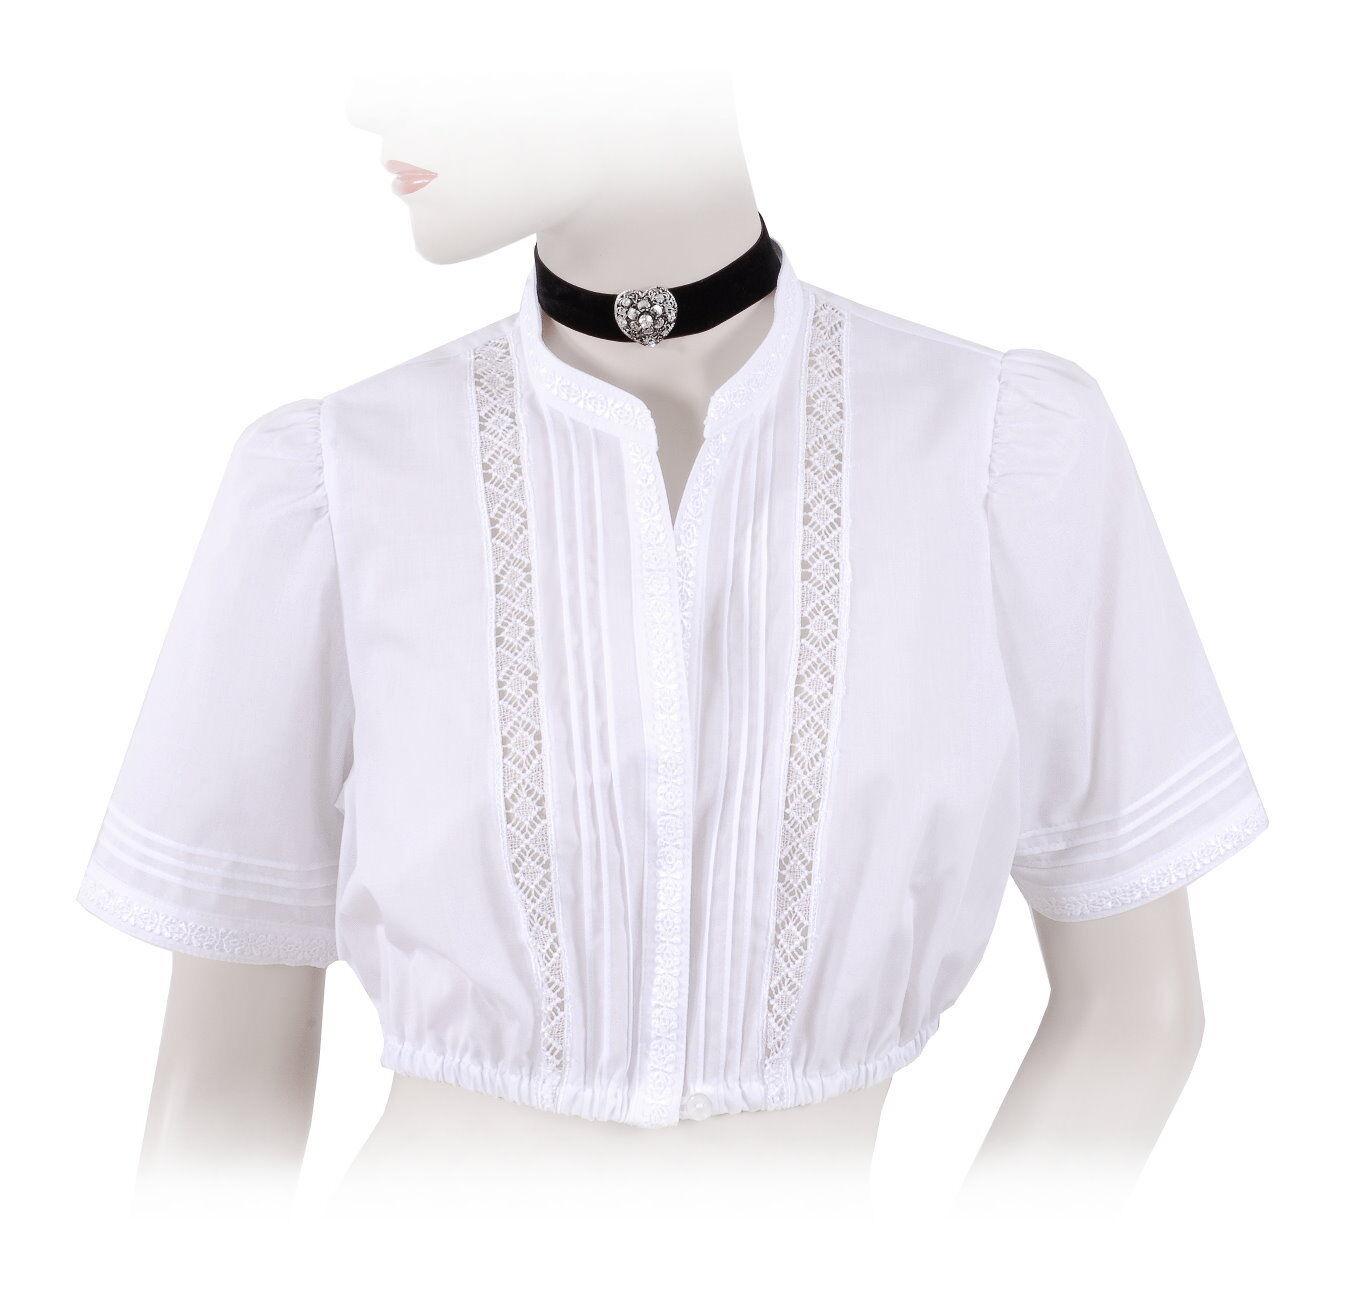 Top-Quality  DirndlBlause TrachtenBlause Damen mit Stehkragen - Weiß